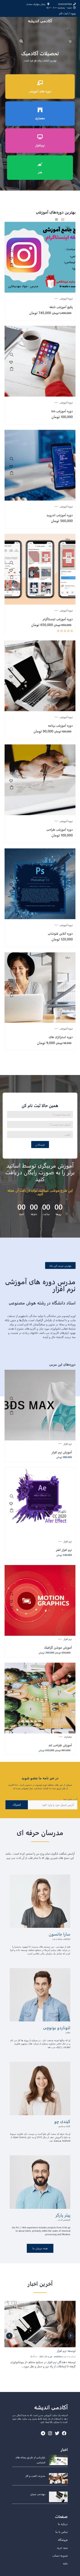 حالت موبایل سایت آموزشی اندیشه